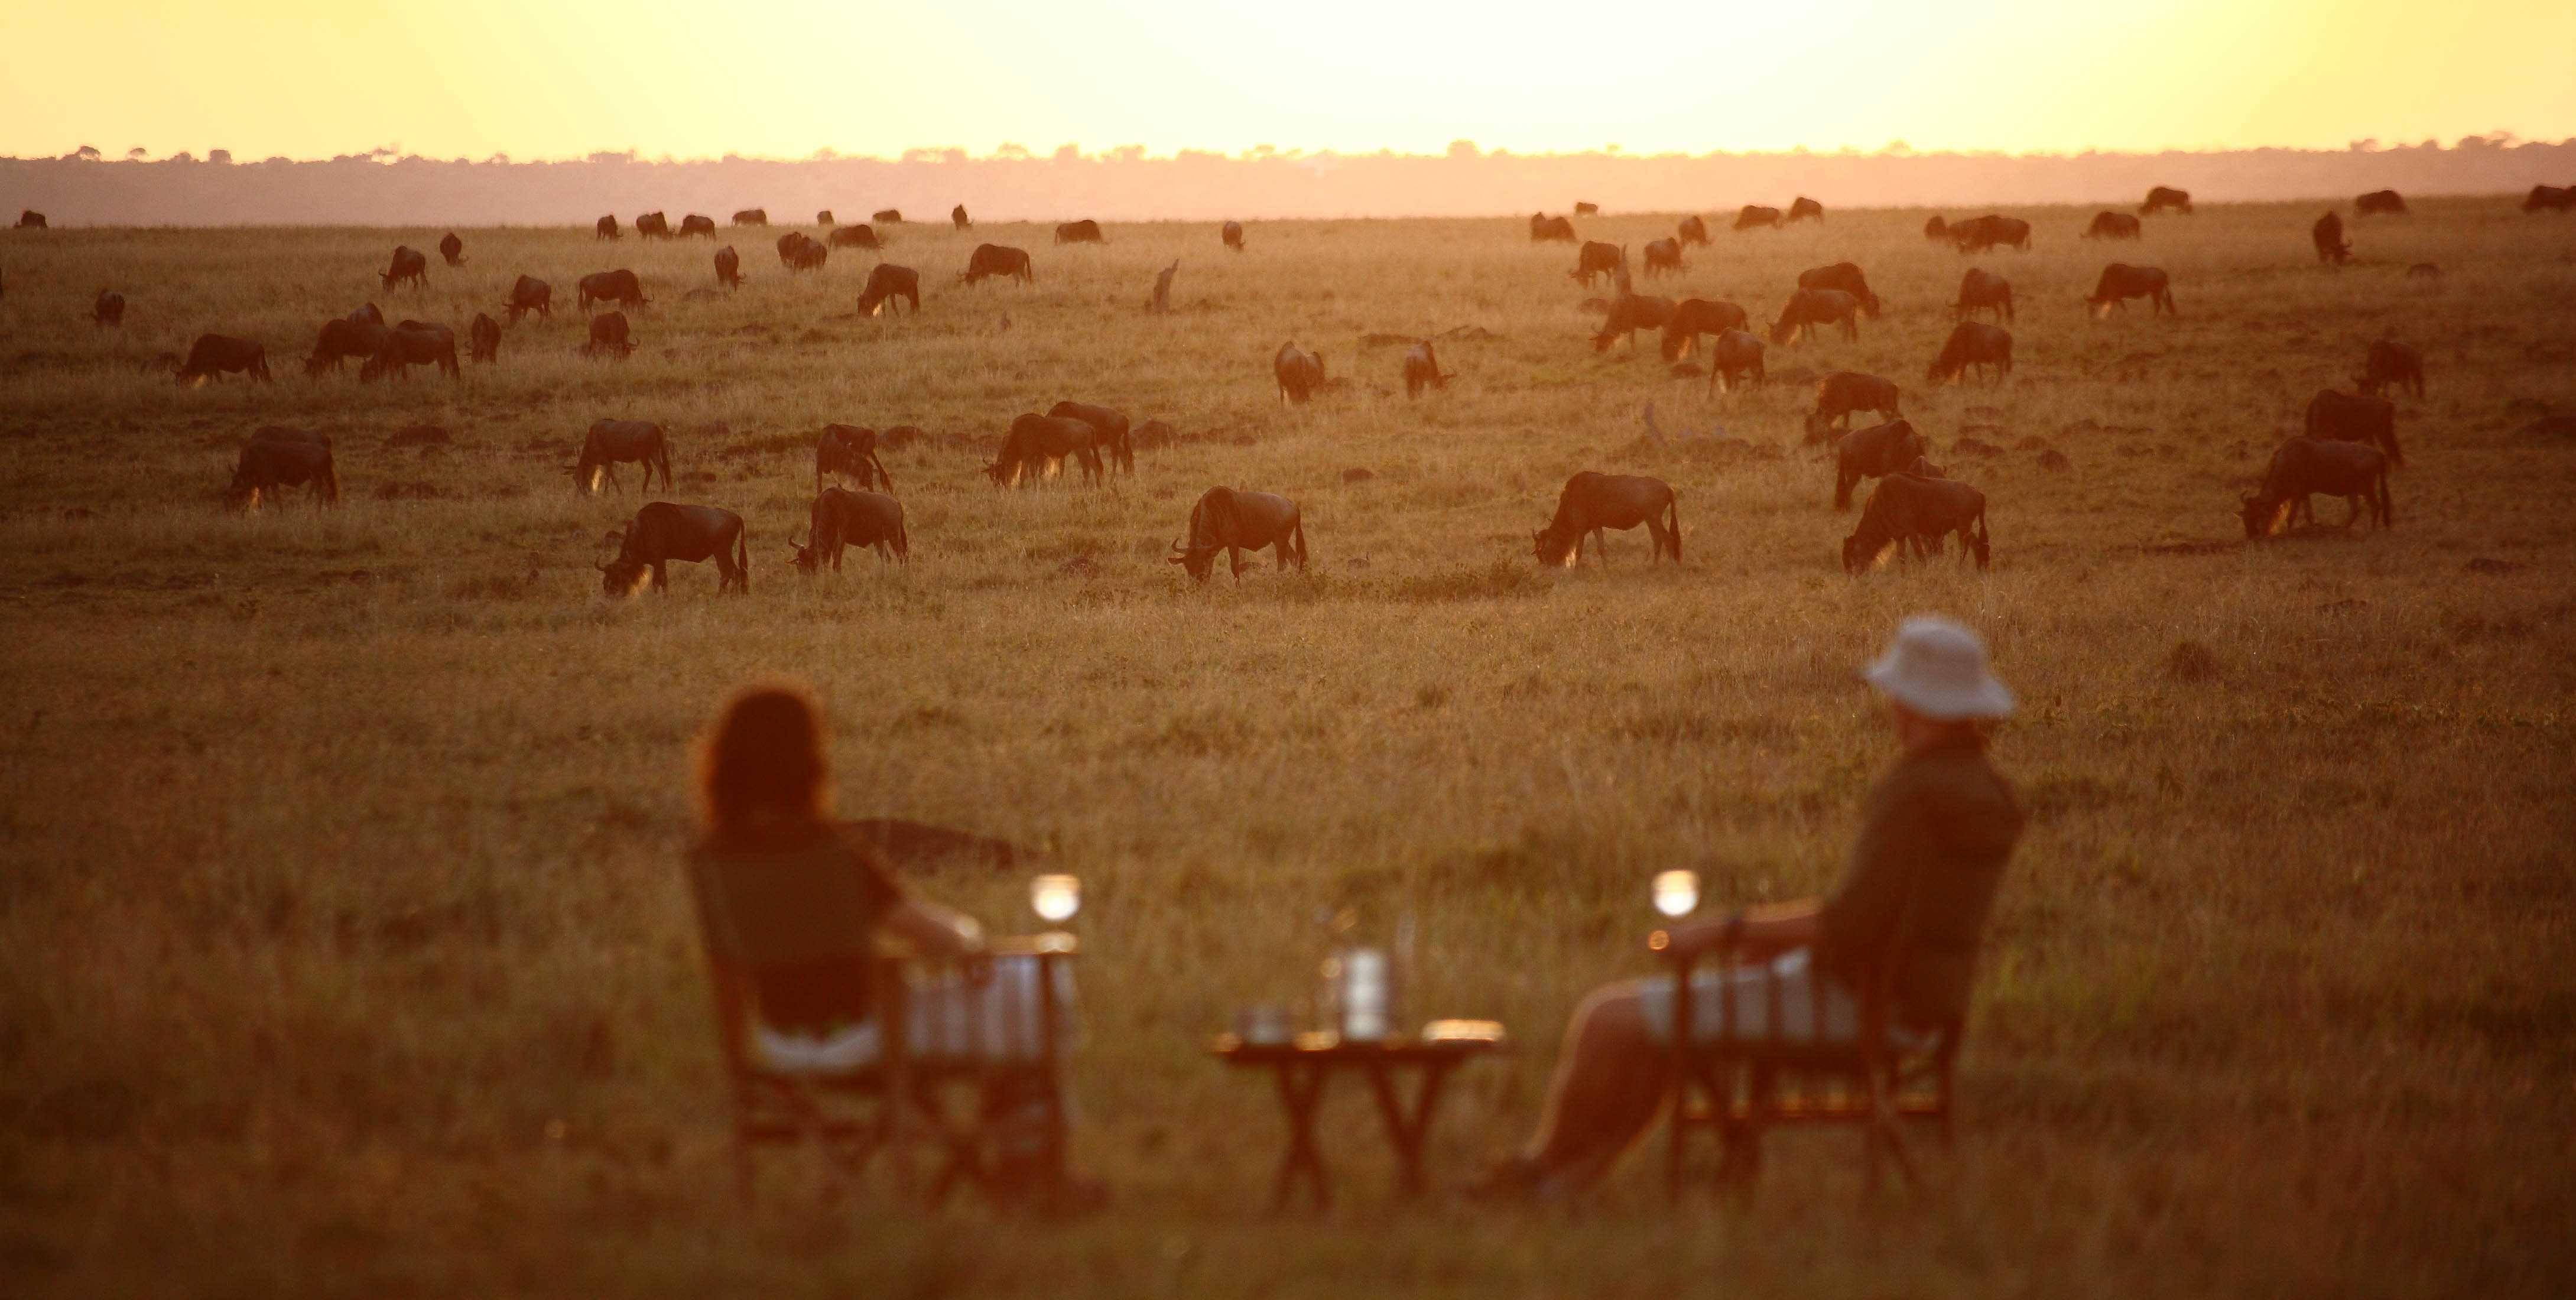 Sundowners in the Serengeti